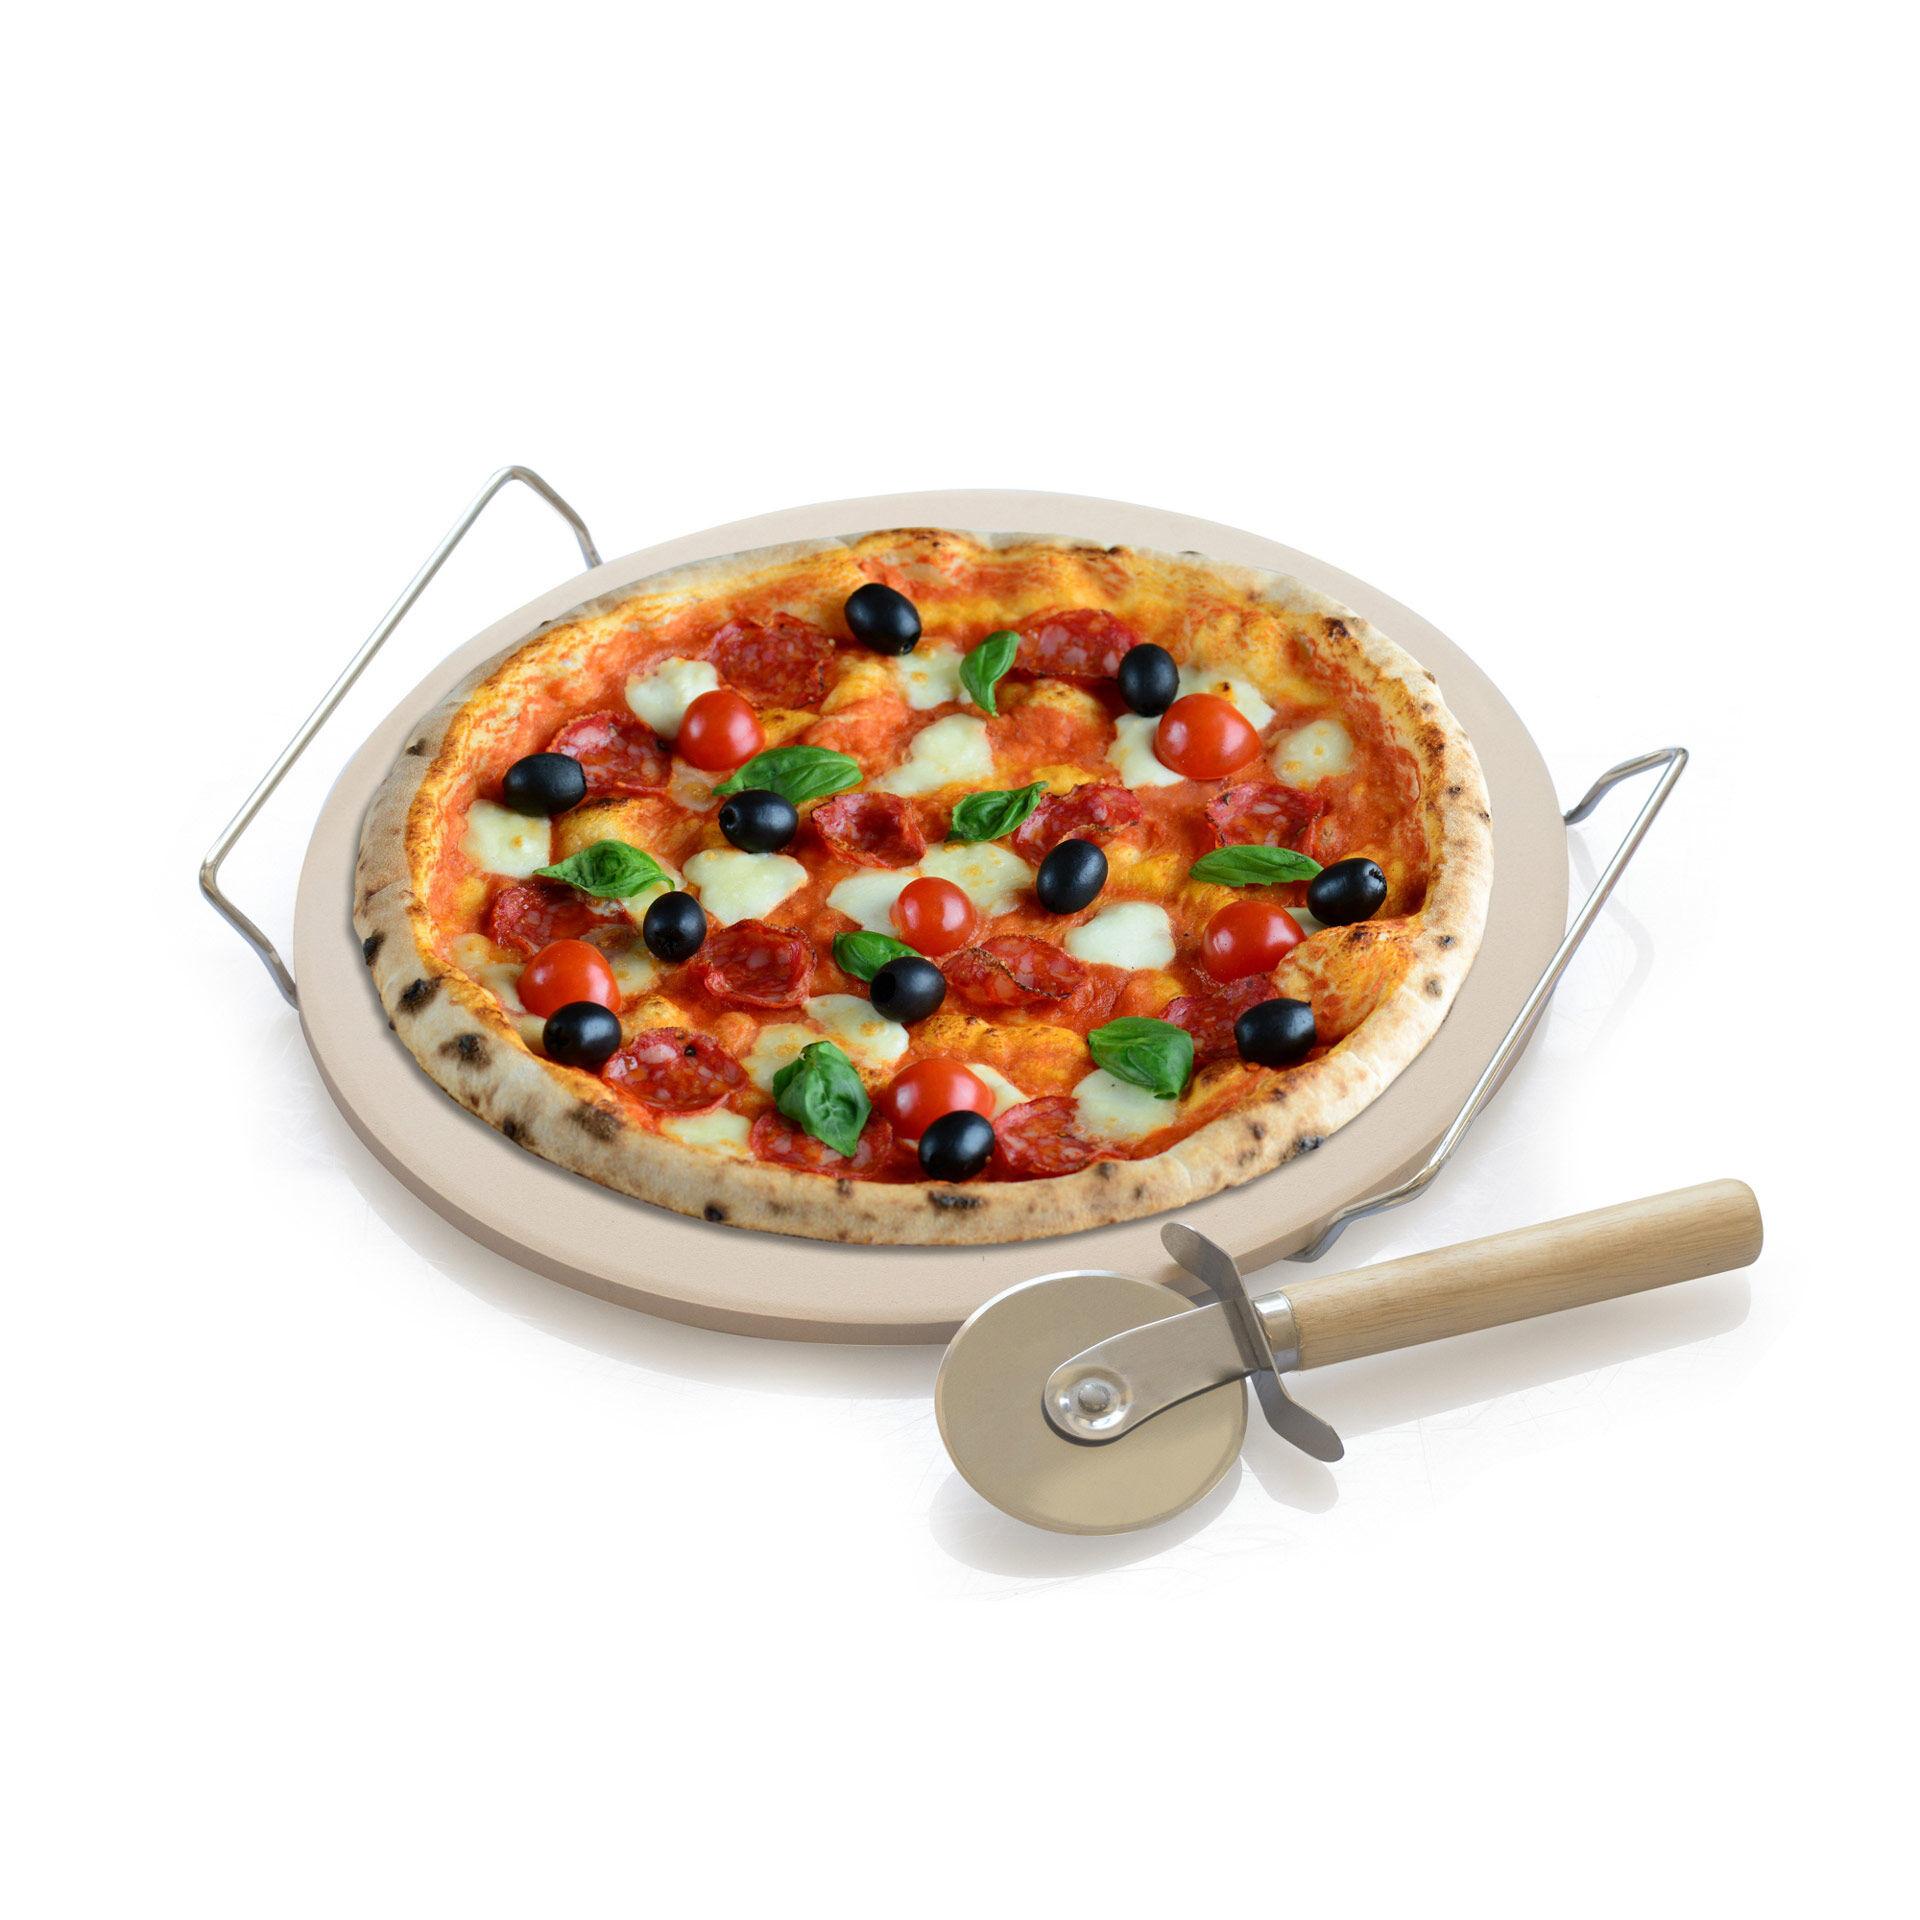 Pierre réfractaire pour la cuisson des pizzas, , large